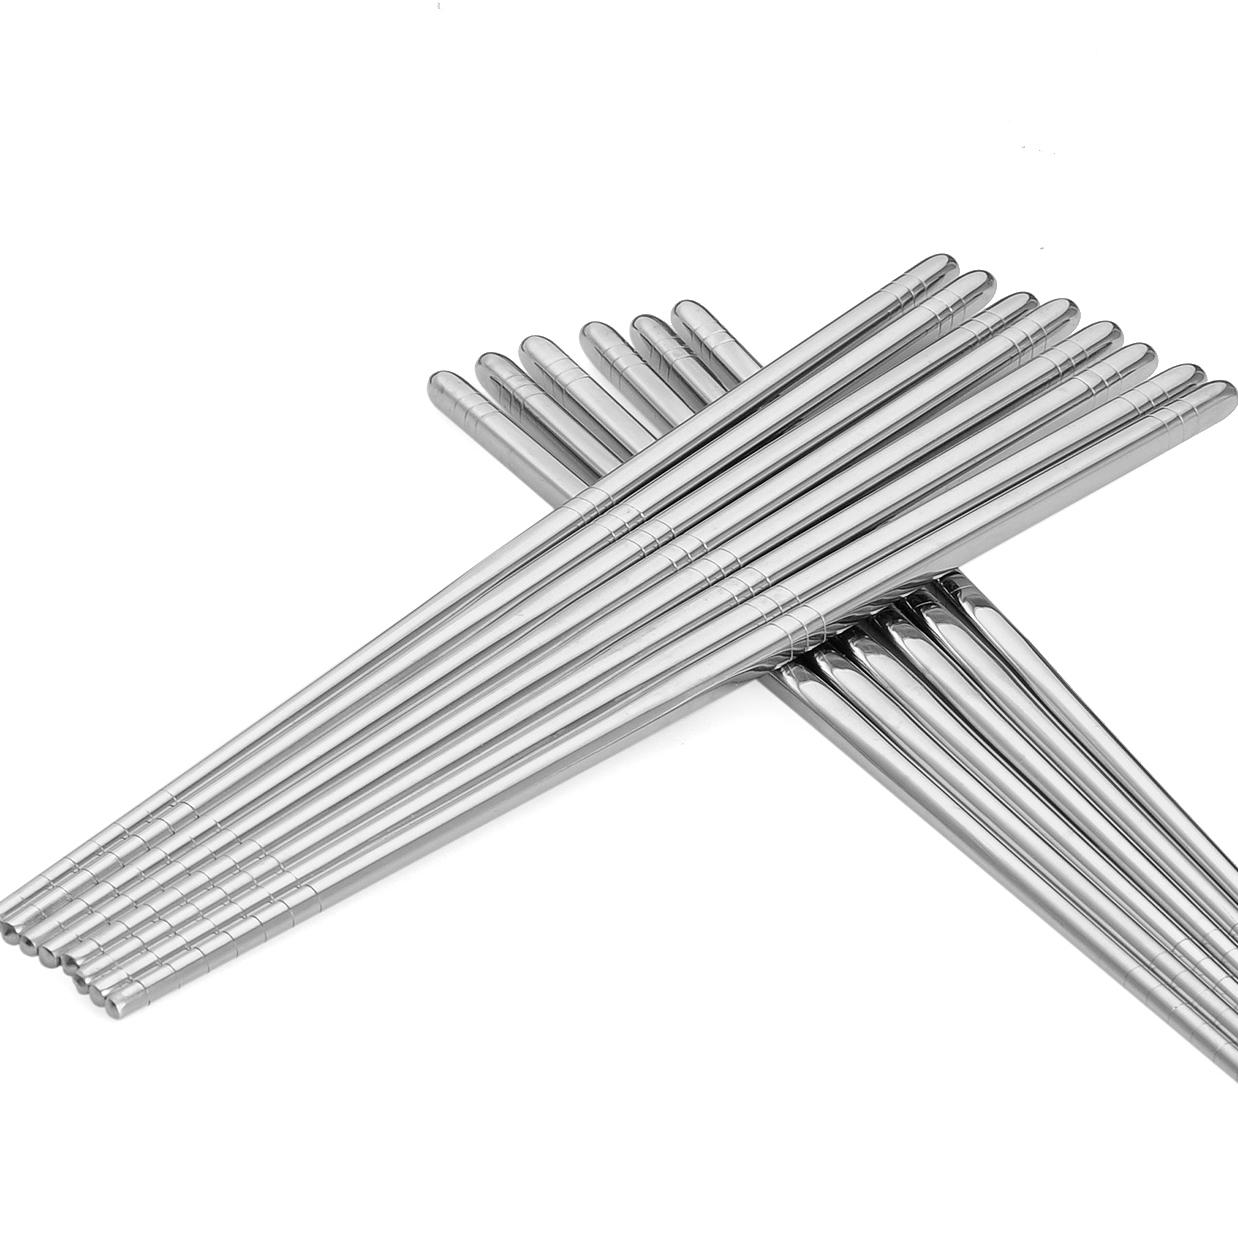 onlycook 304不鏽鋼筷 家用10雙裝筷子 防滑方形筷餐具金屬筷套裝